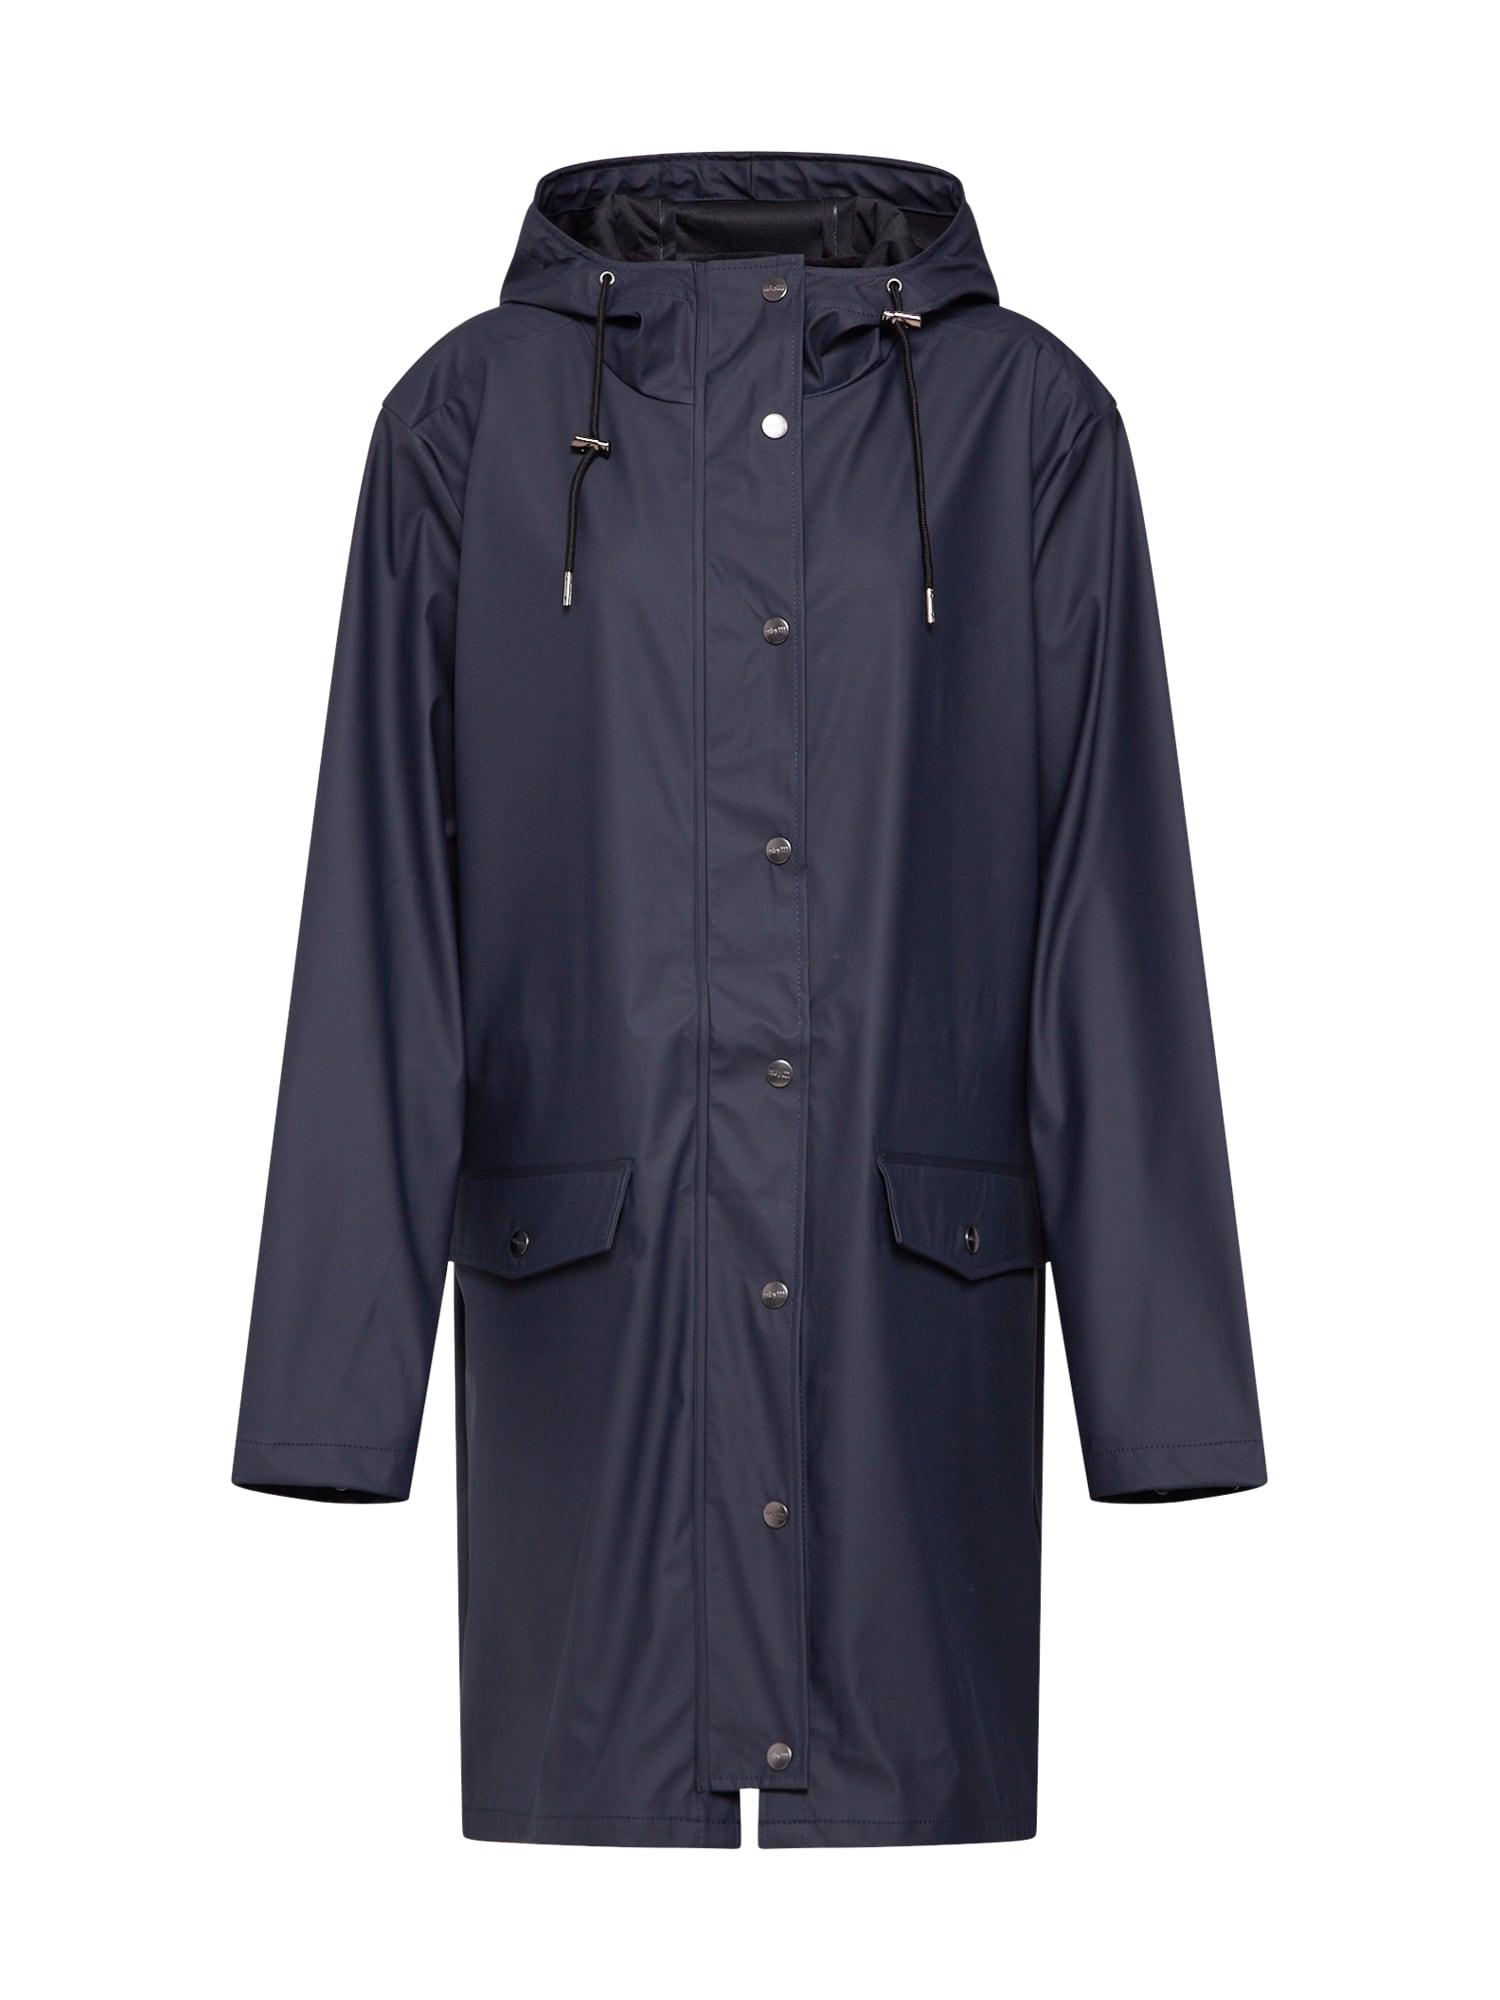 Přechodný kabát Fabiola modrá Mbym